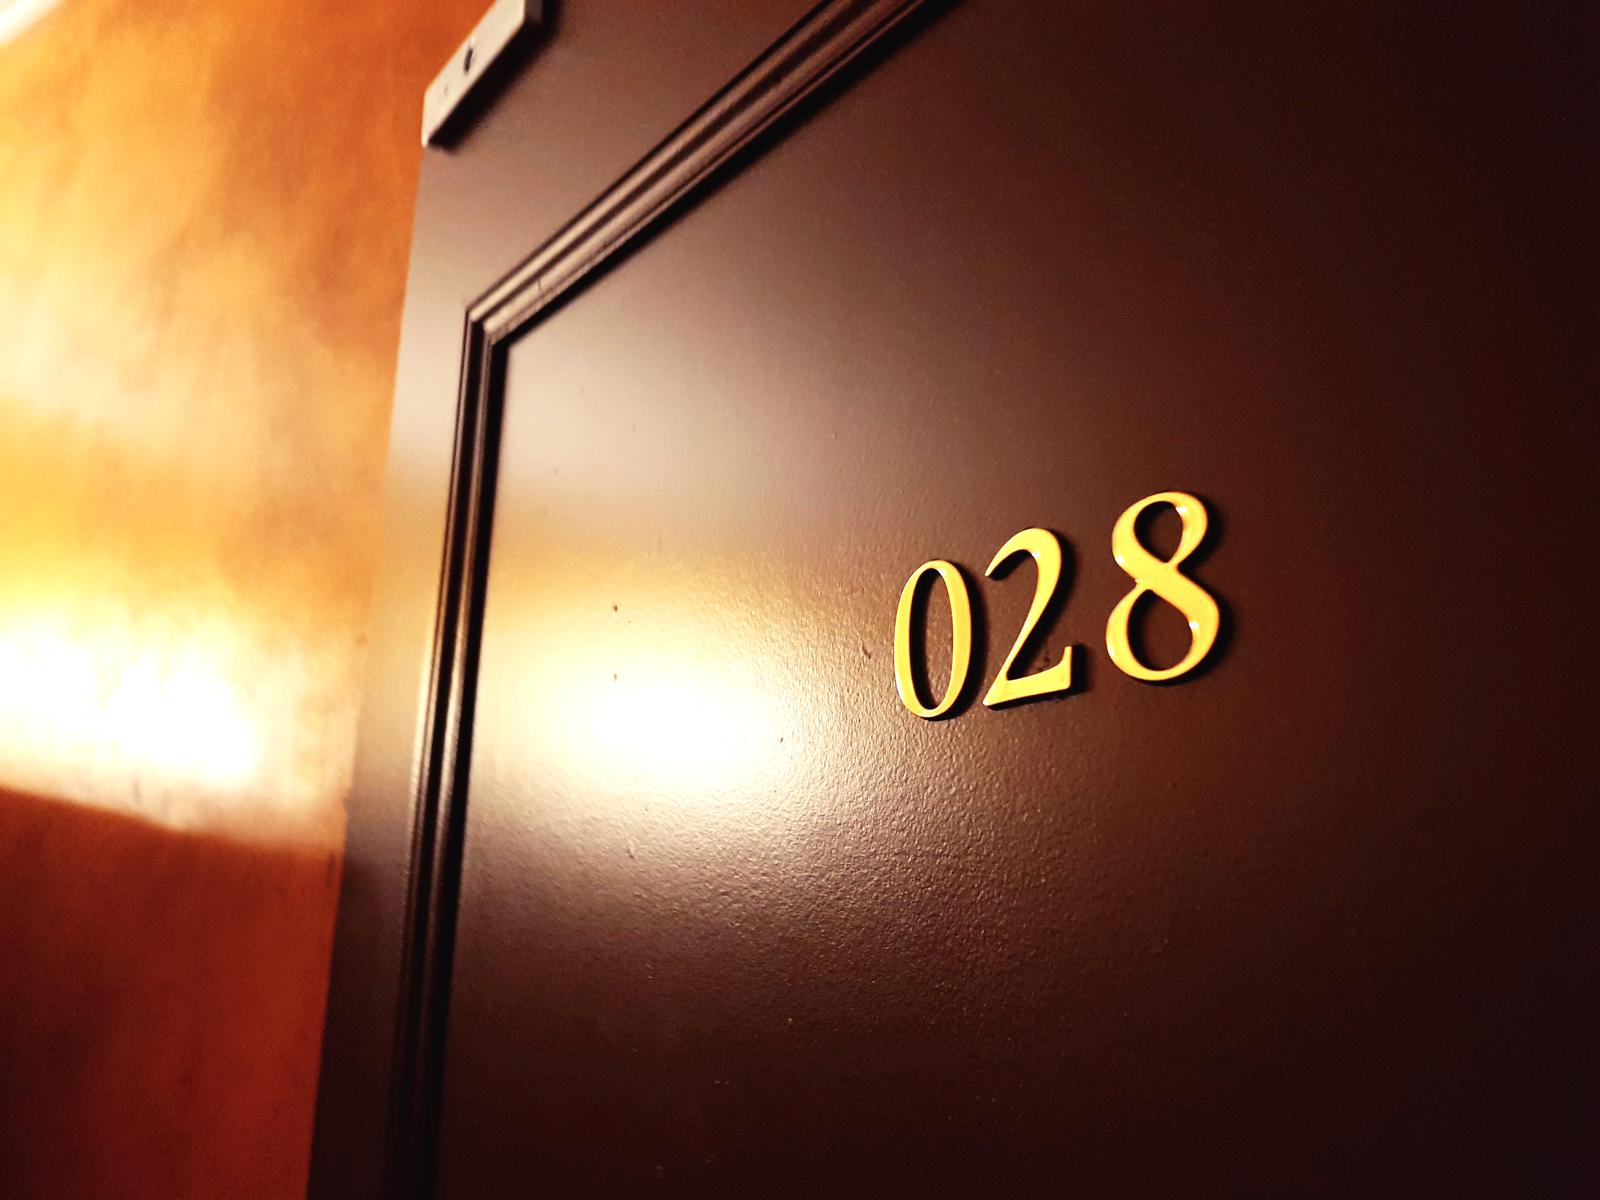 avis escape hunt bordeaux le manoir d 39 h h holmes. Black Bedroom Furniture Sets. Home Design Ideas